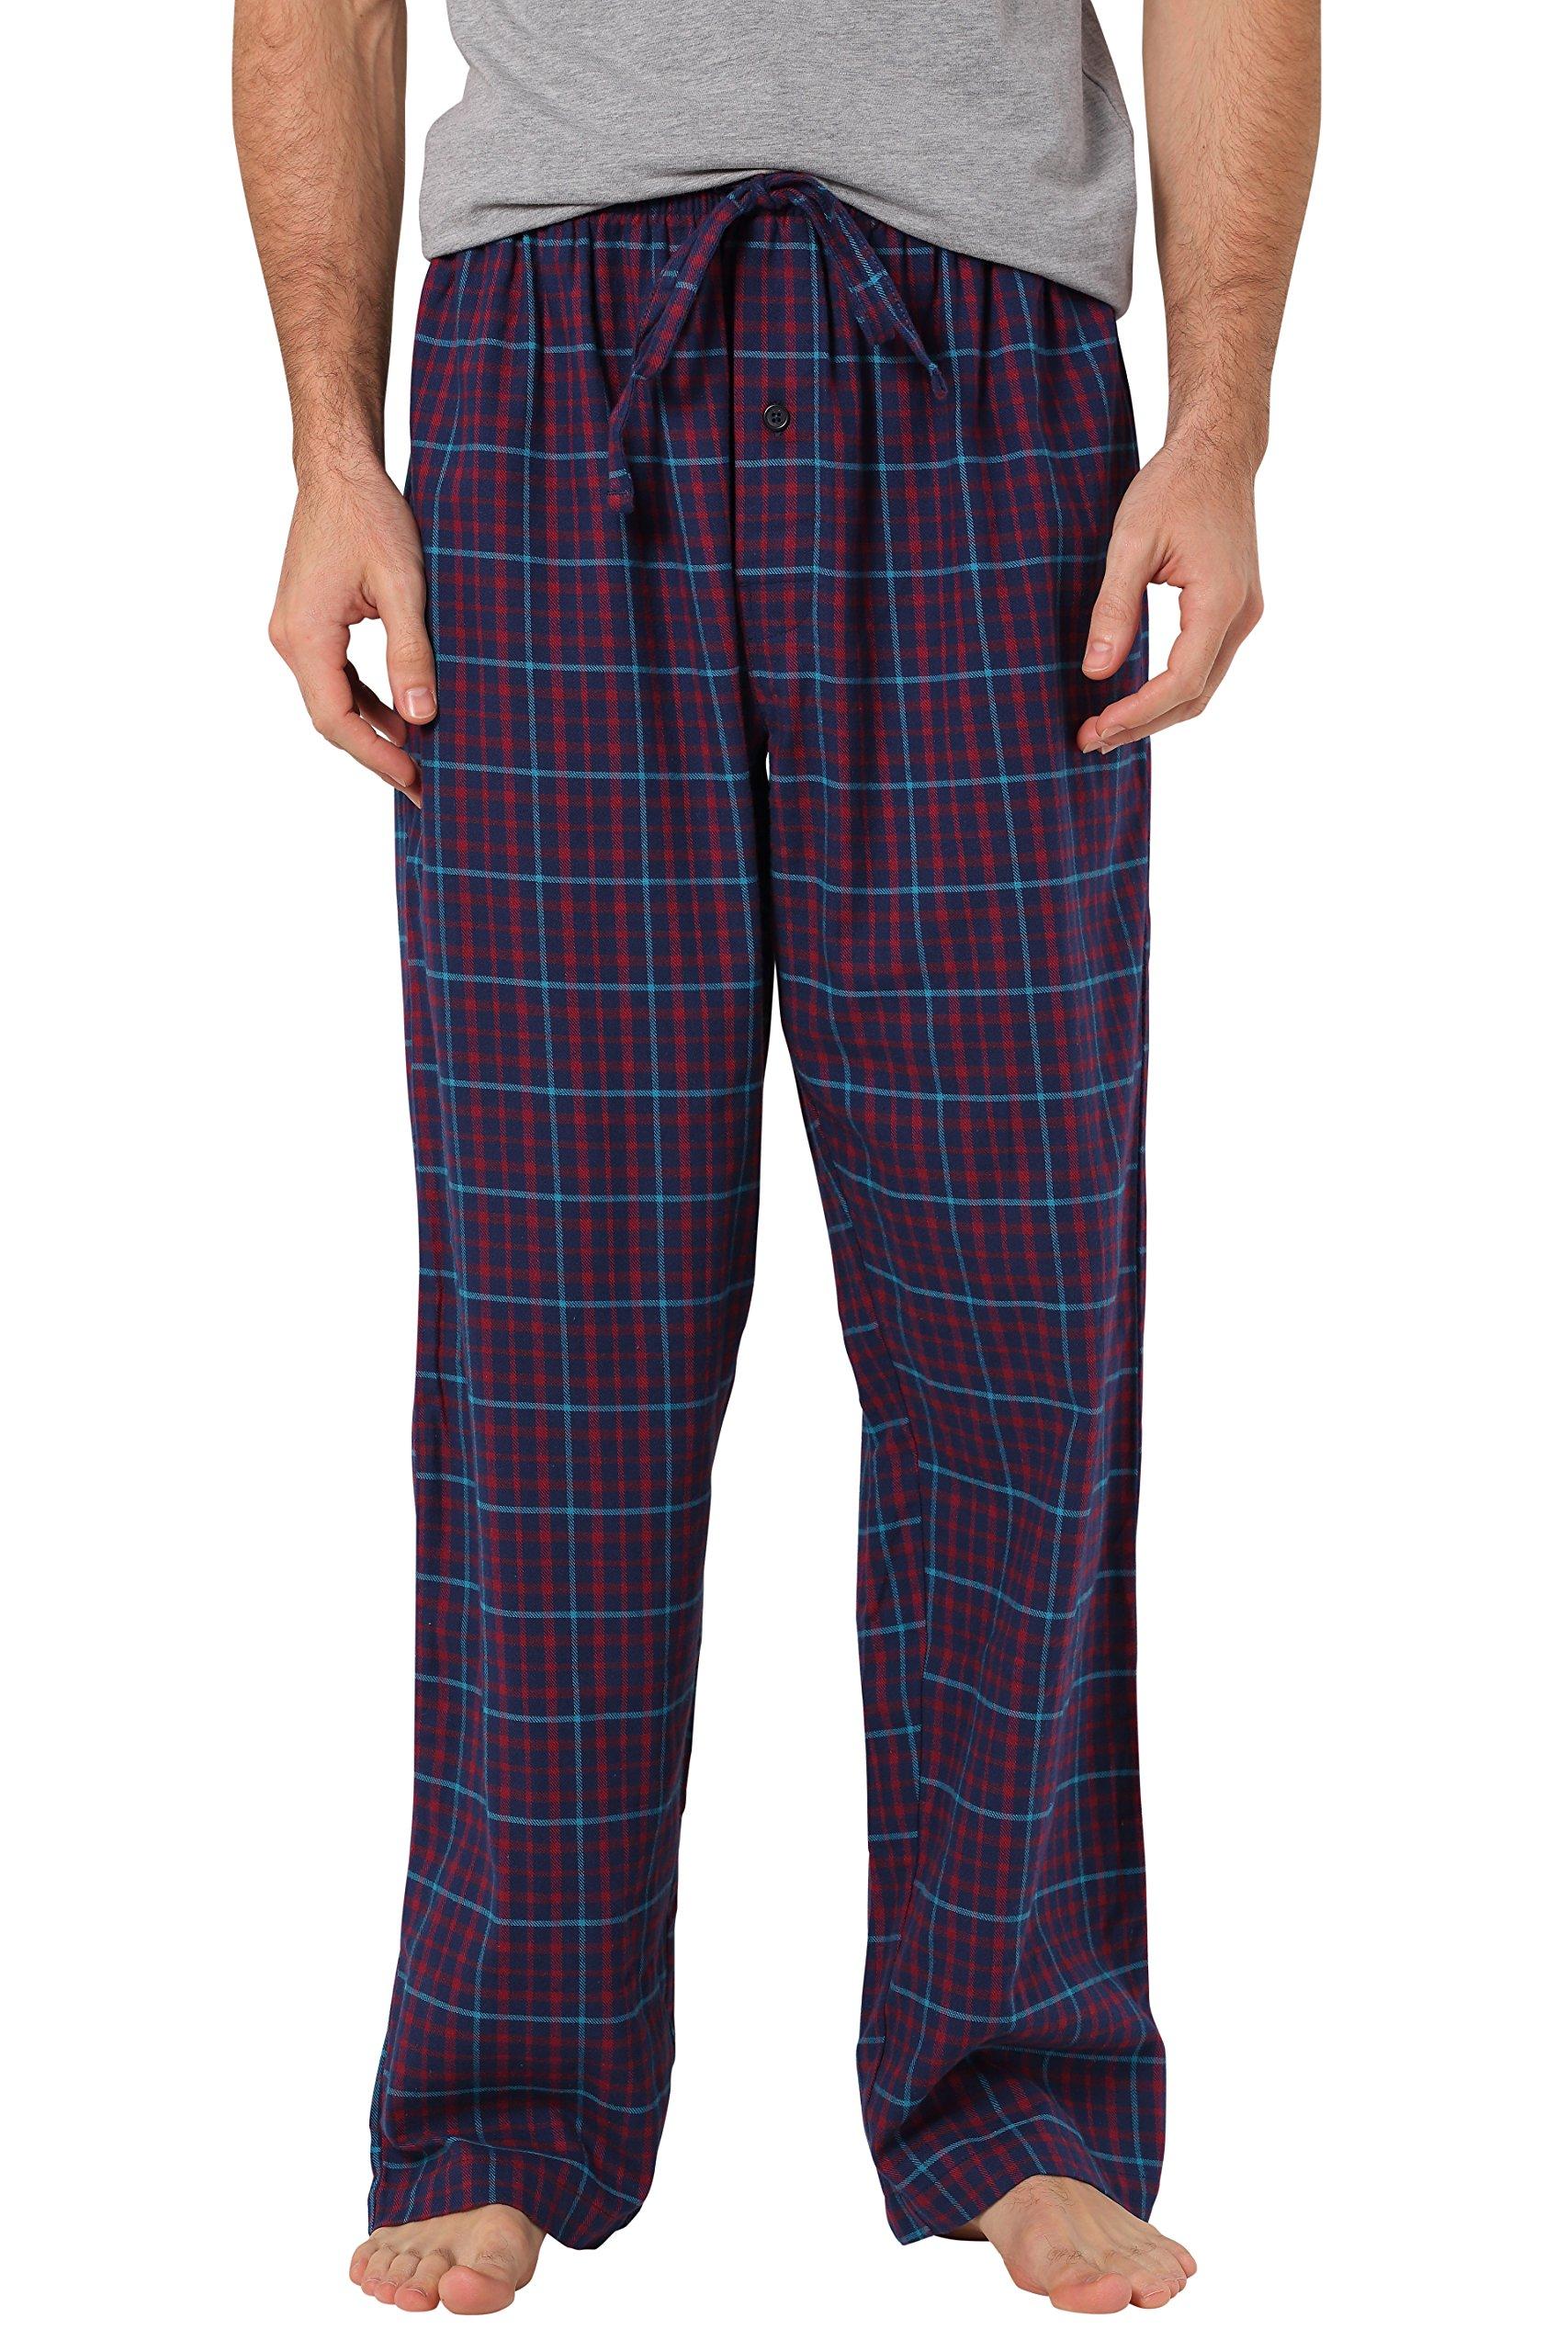 CYZ Men's 100% Cotton Super Soft Flannel Plaid Pajama Pants-F17013-L